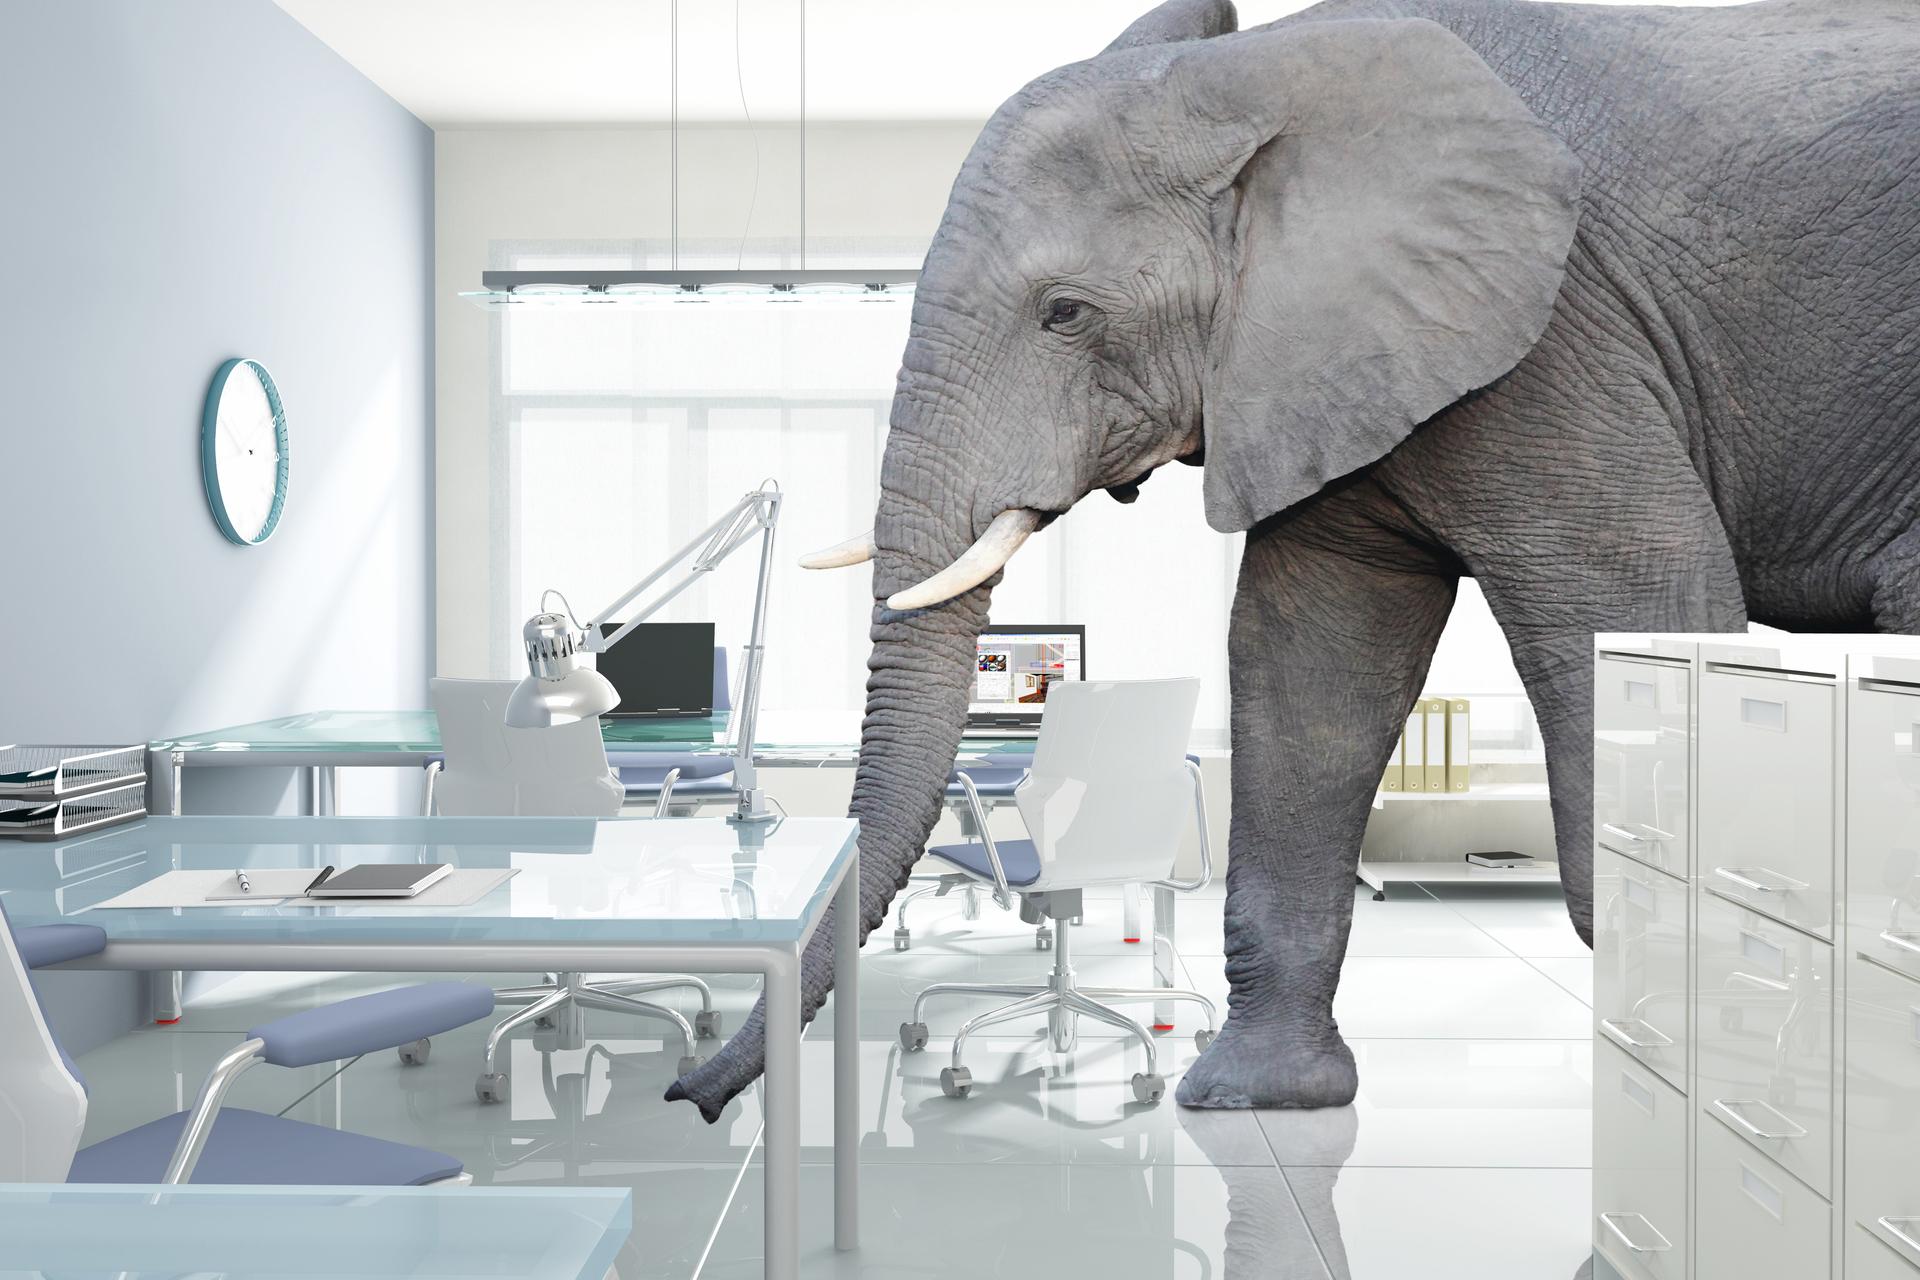 huge elephant in modern office